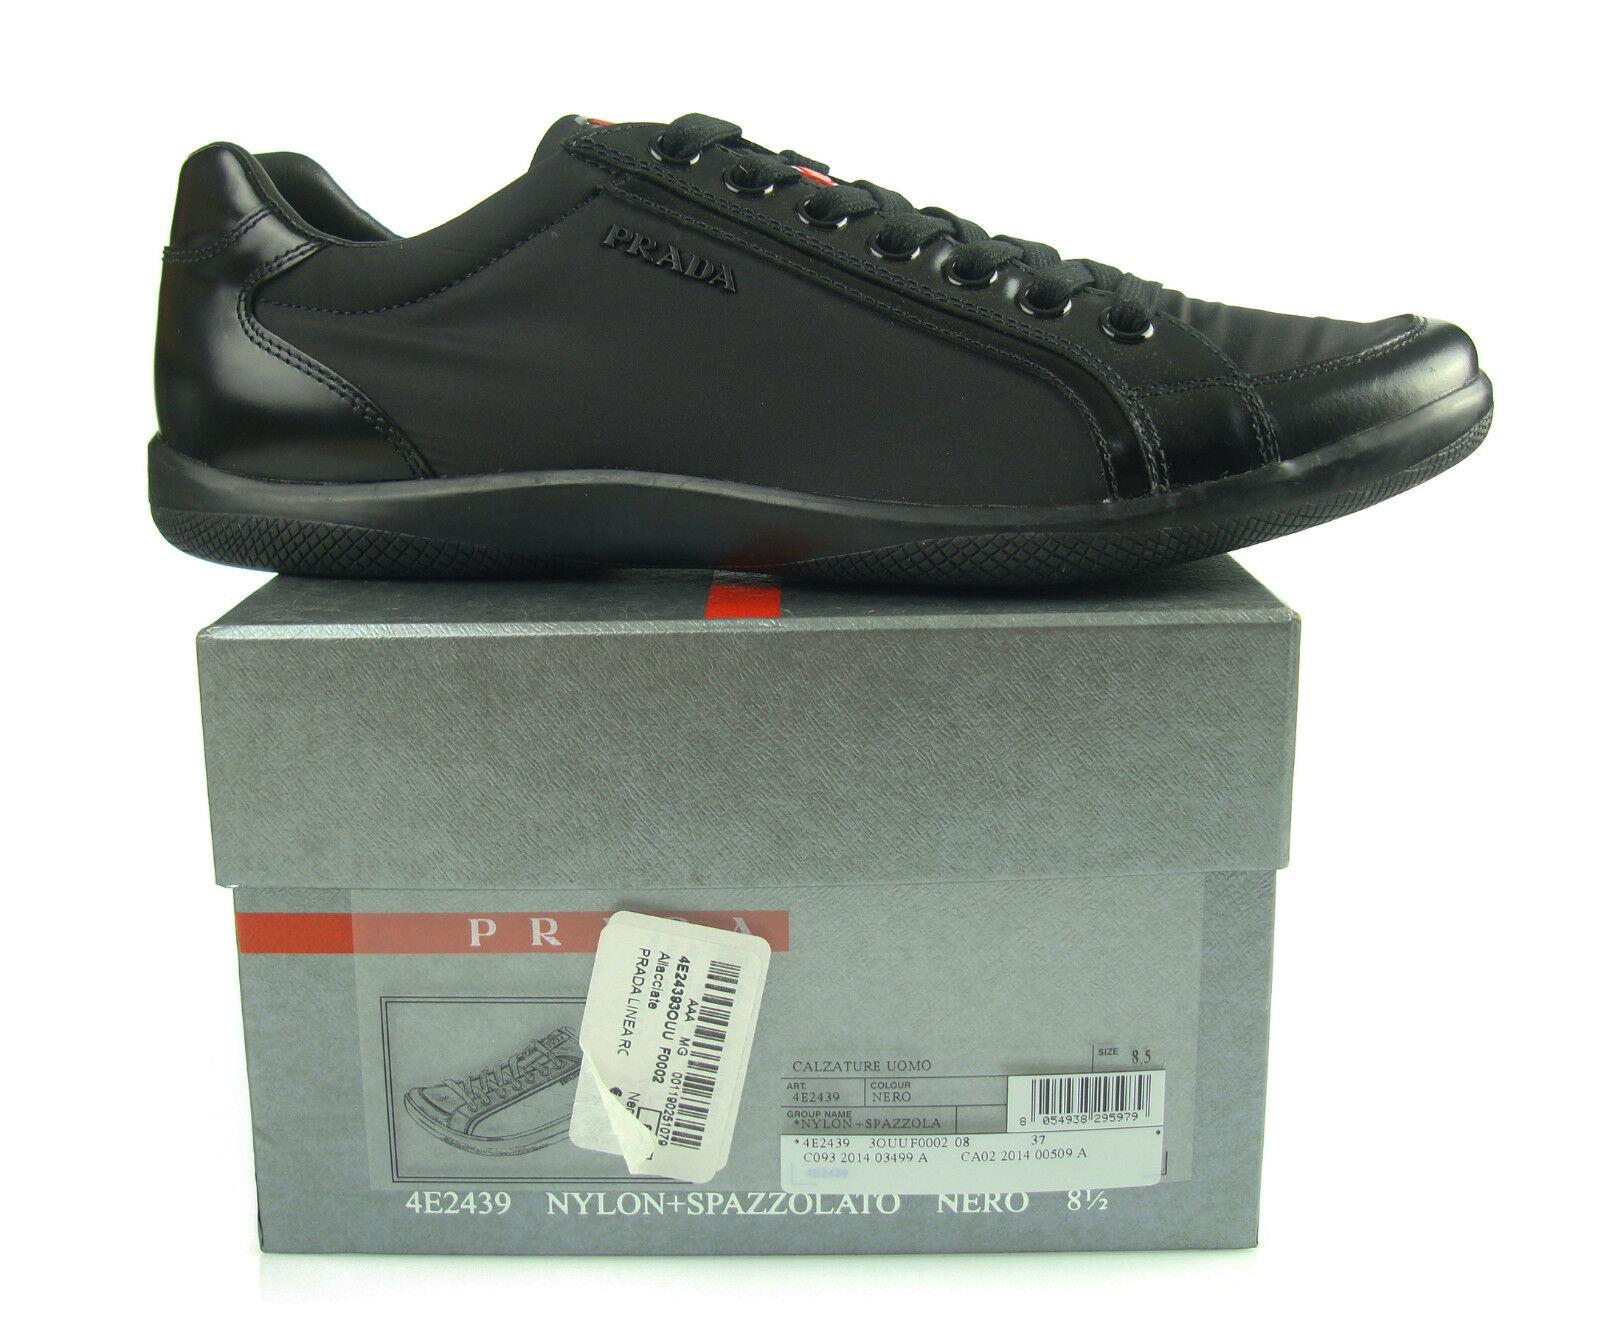 M1 PRADA baskets man man shoes black shoes homme shoes 100%AUTHENTIQUE